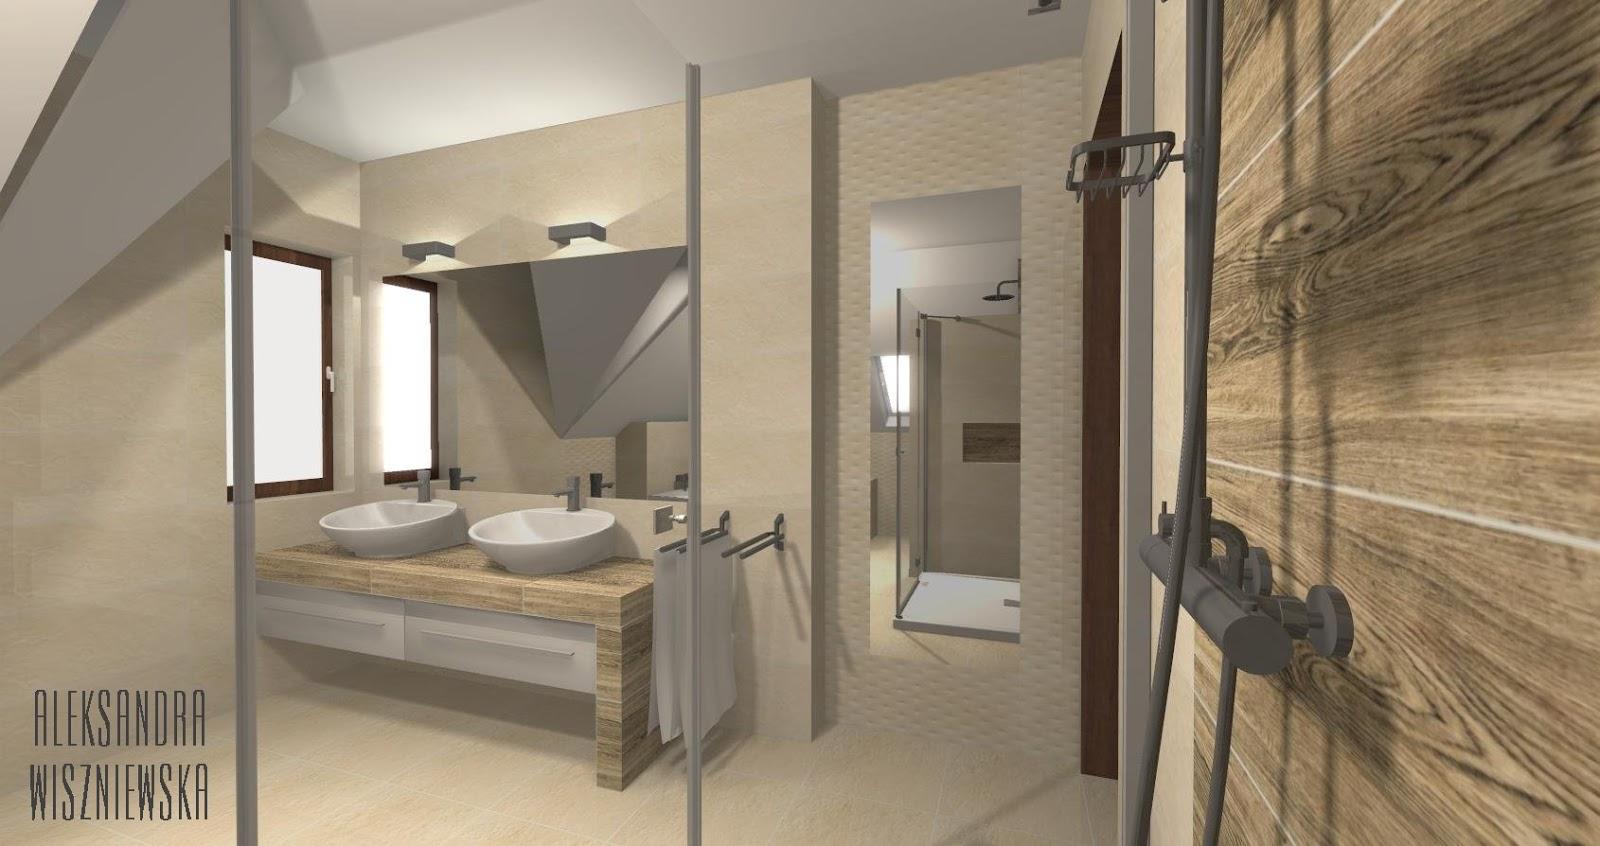 Projekty łazienek Wizualizacje Tubądzin Venatello